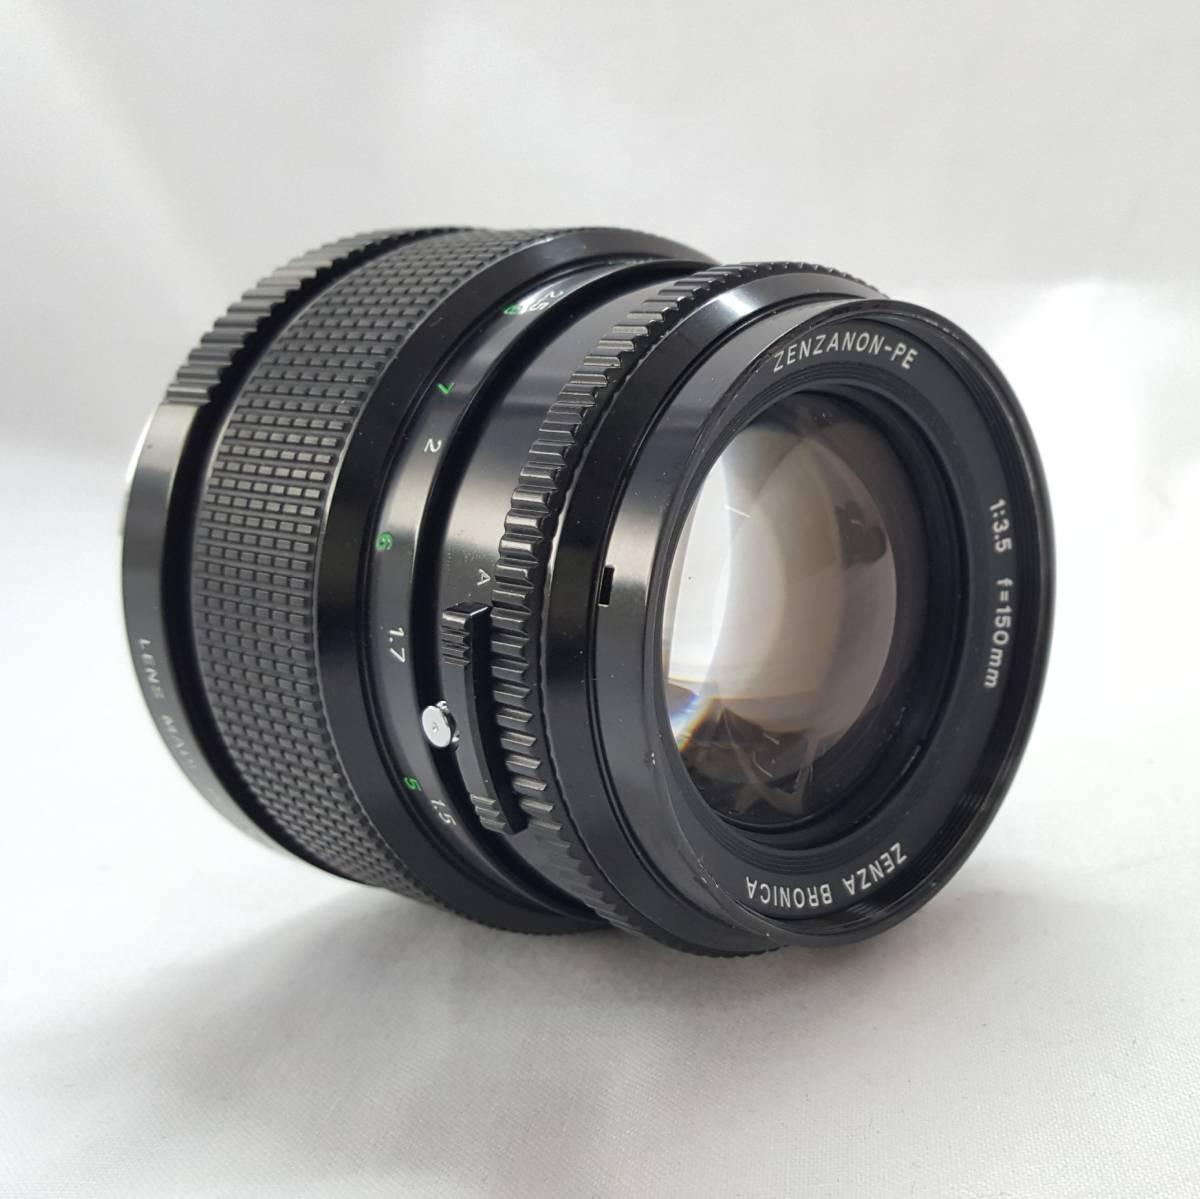 ZENZA BRONICA ETR M52 16837. ZENZANON-PE 1:3.5 f=150mm 15800769 ゼンザブロニカ 美品 レンズ+付属 (A-67)_画像5